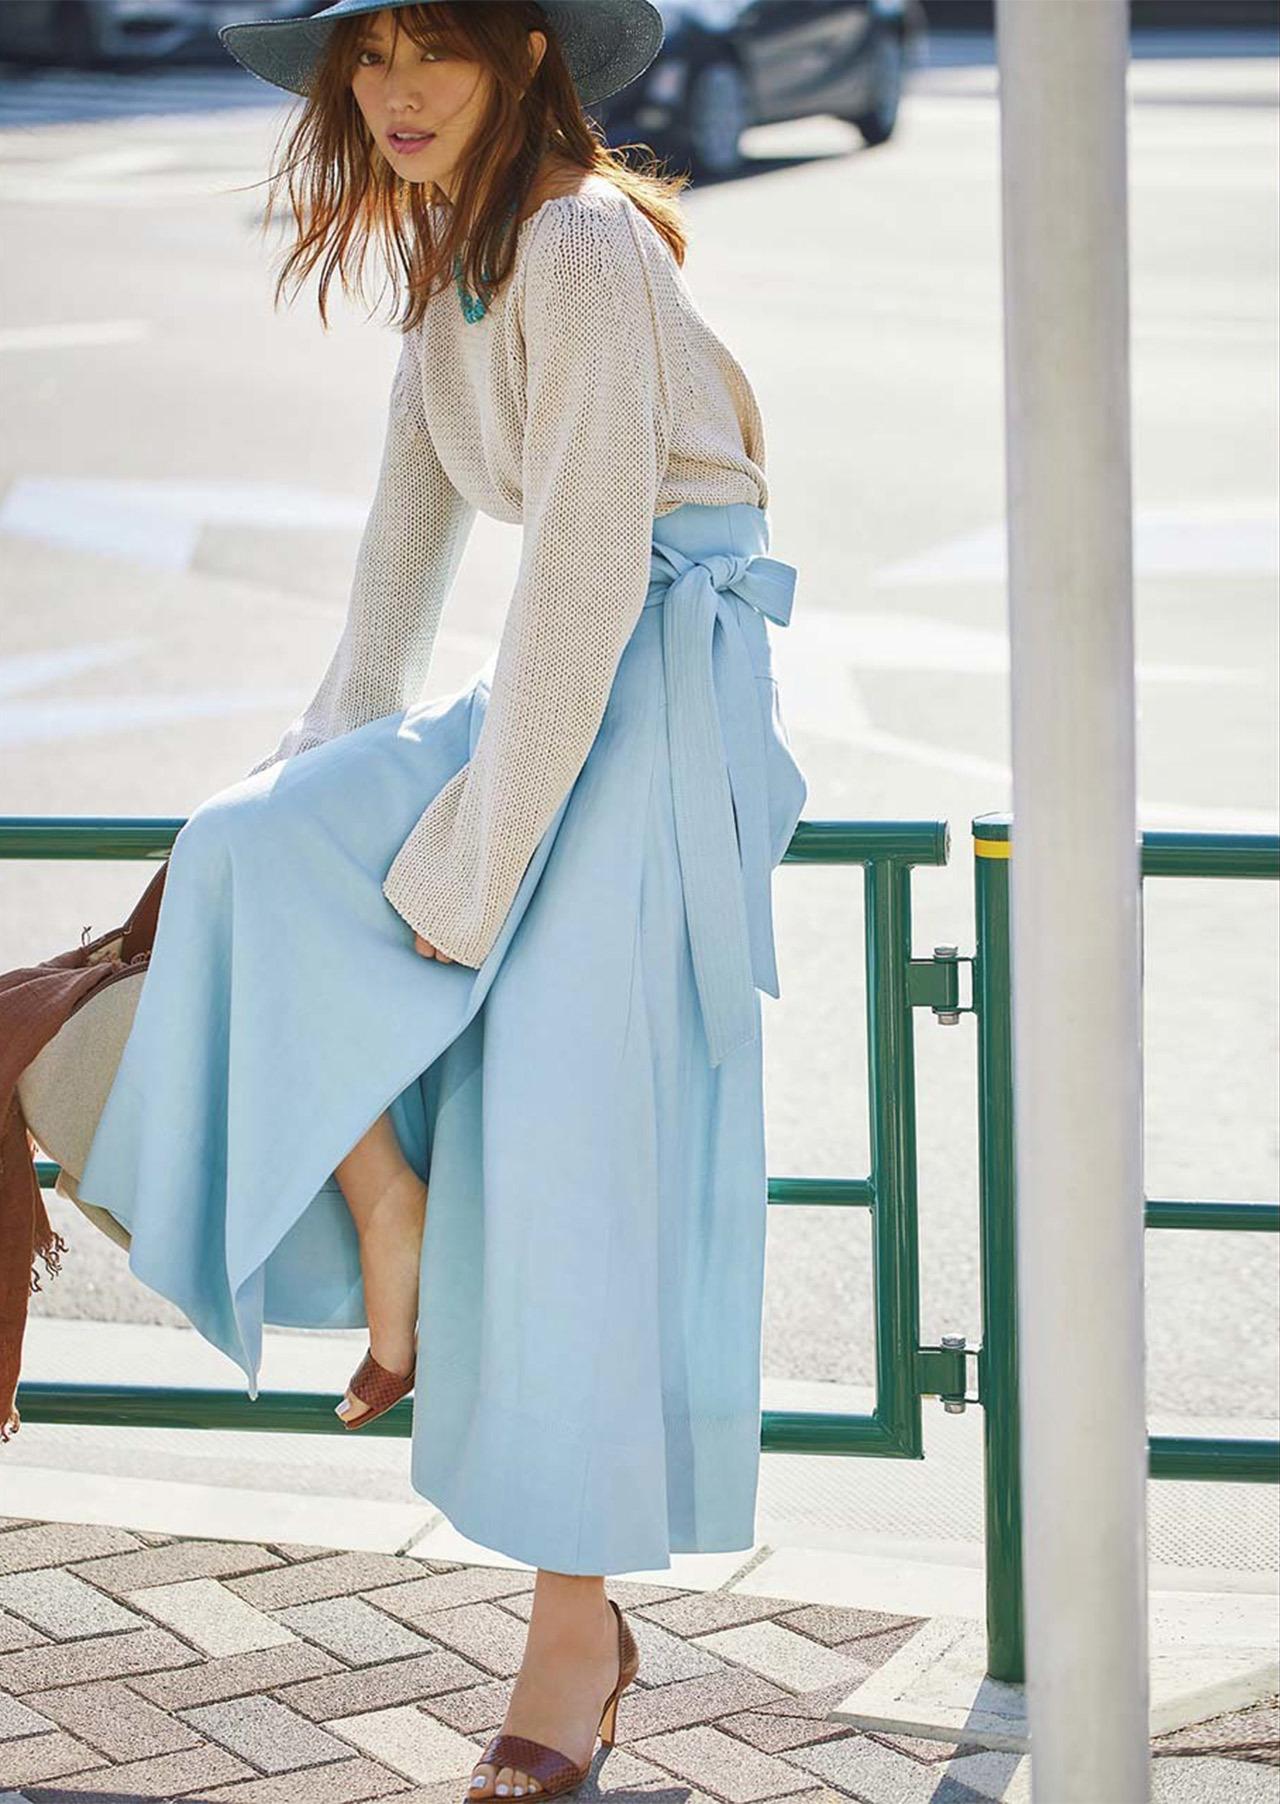 ニット×ブルーのスカートコーデを着たモデルの蛯原友里さん